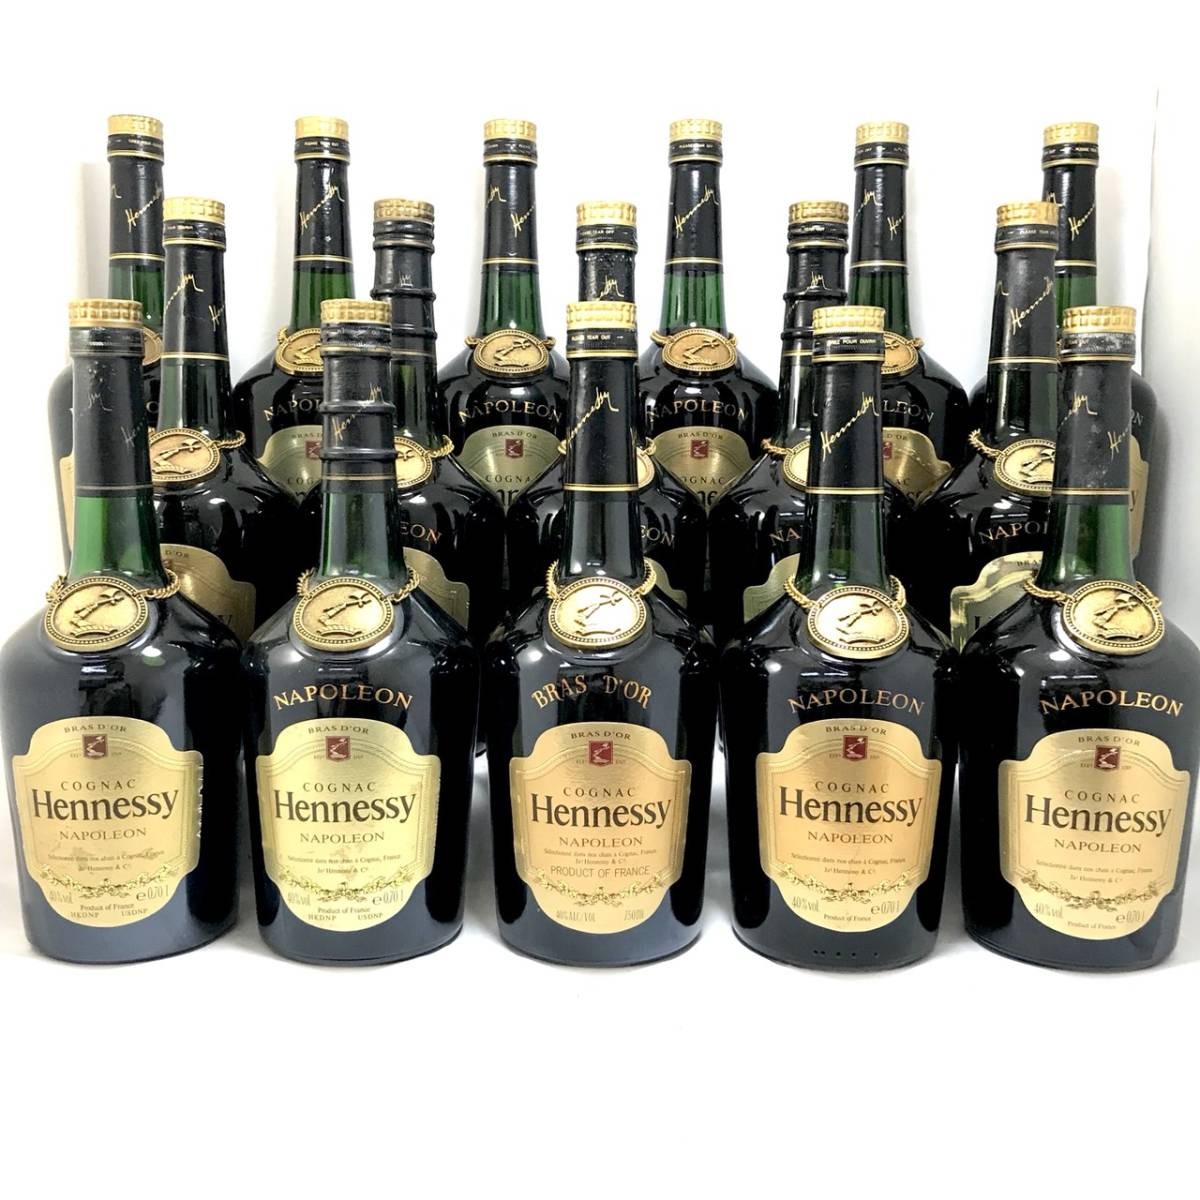 古酒 - Hennessy NAPOLEON BRASD'OR/ヘネシー ナポレオン ブラスドール 16本セット 700ml 40% ブランデー コニャック 未開栓